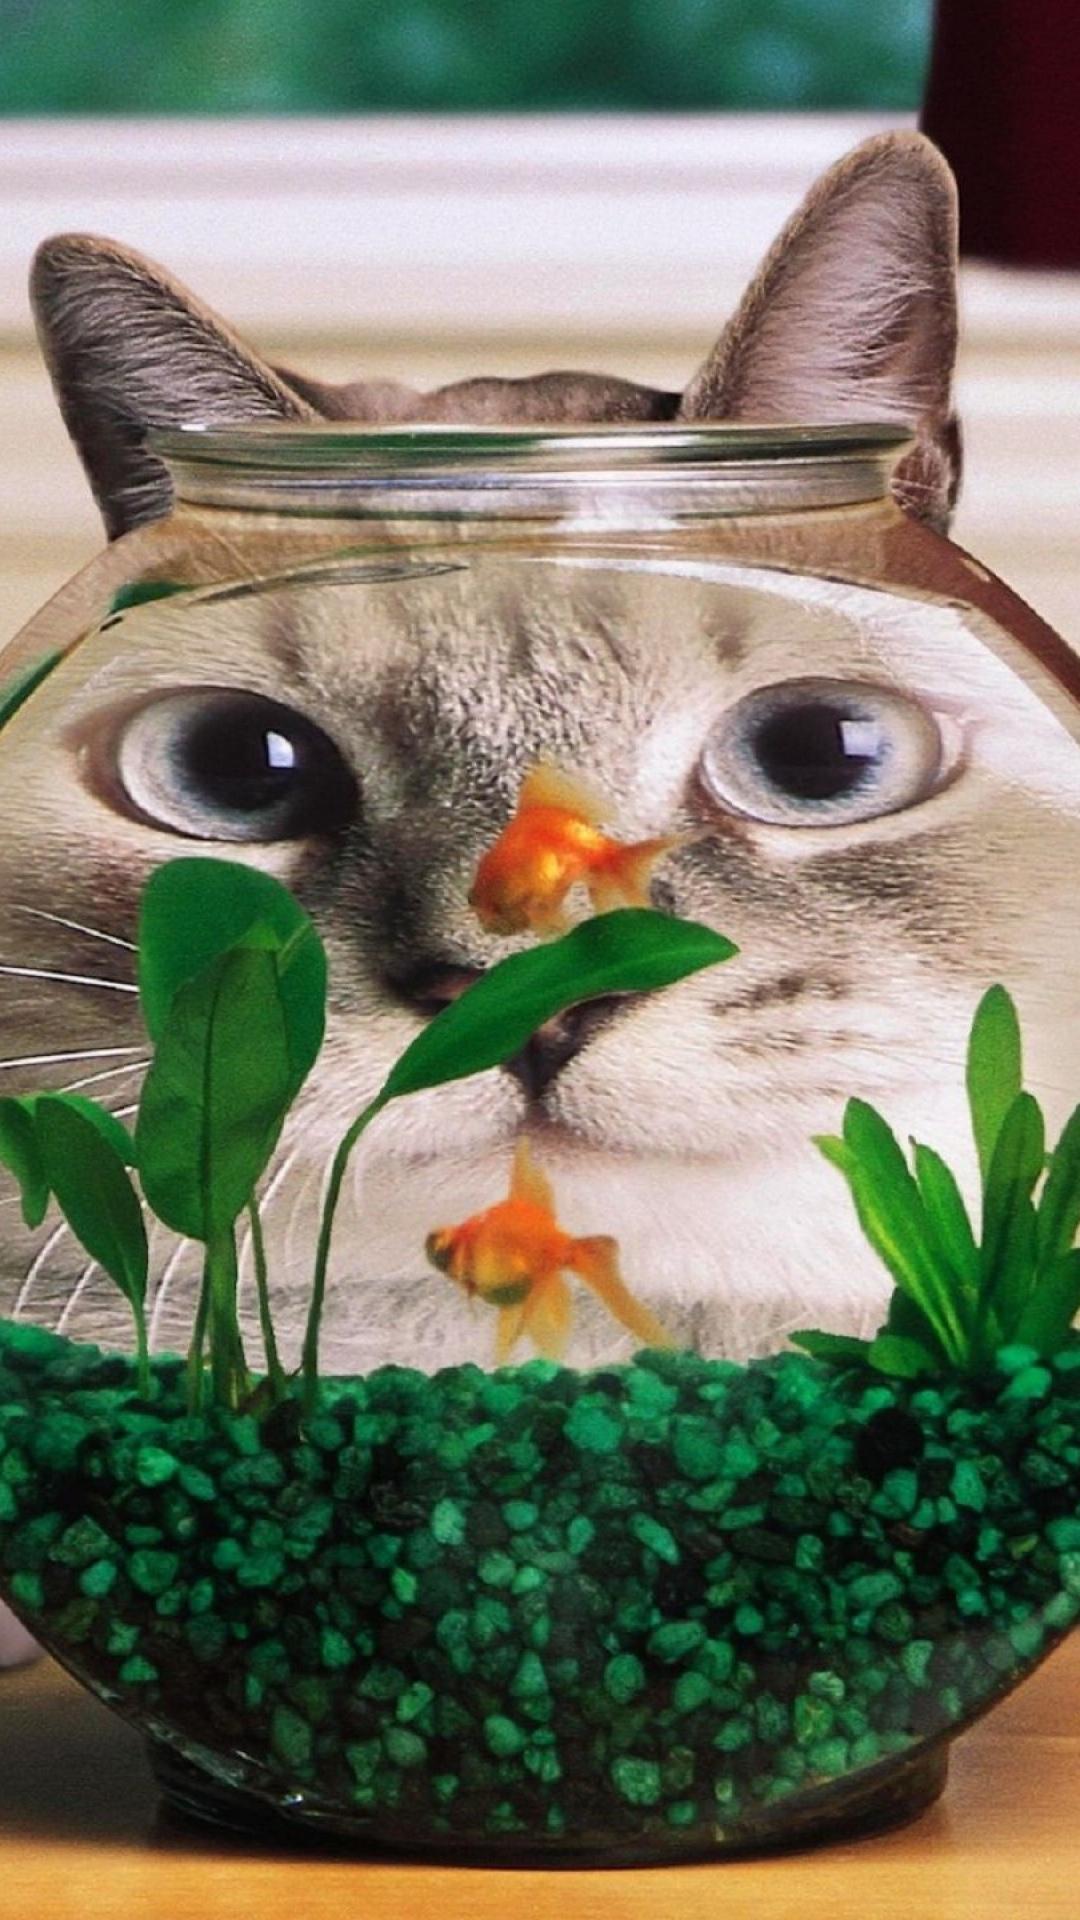 おかしい猫の魚のタンクiphone 8 Plus壁紙 1080 1920 Iphoneチーズ